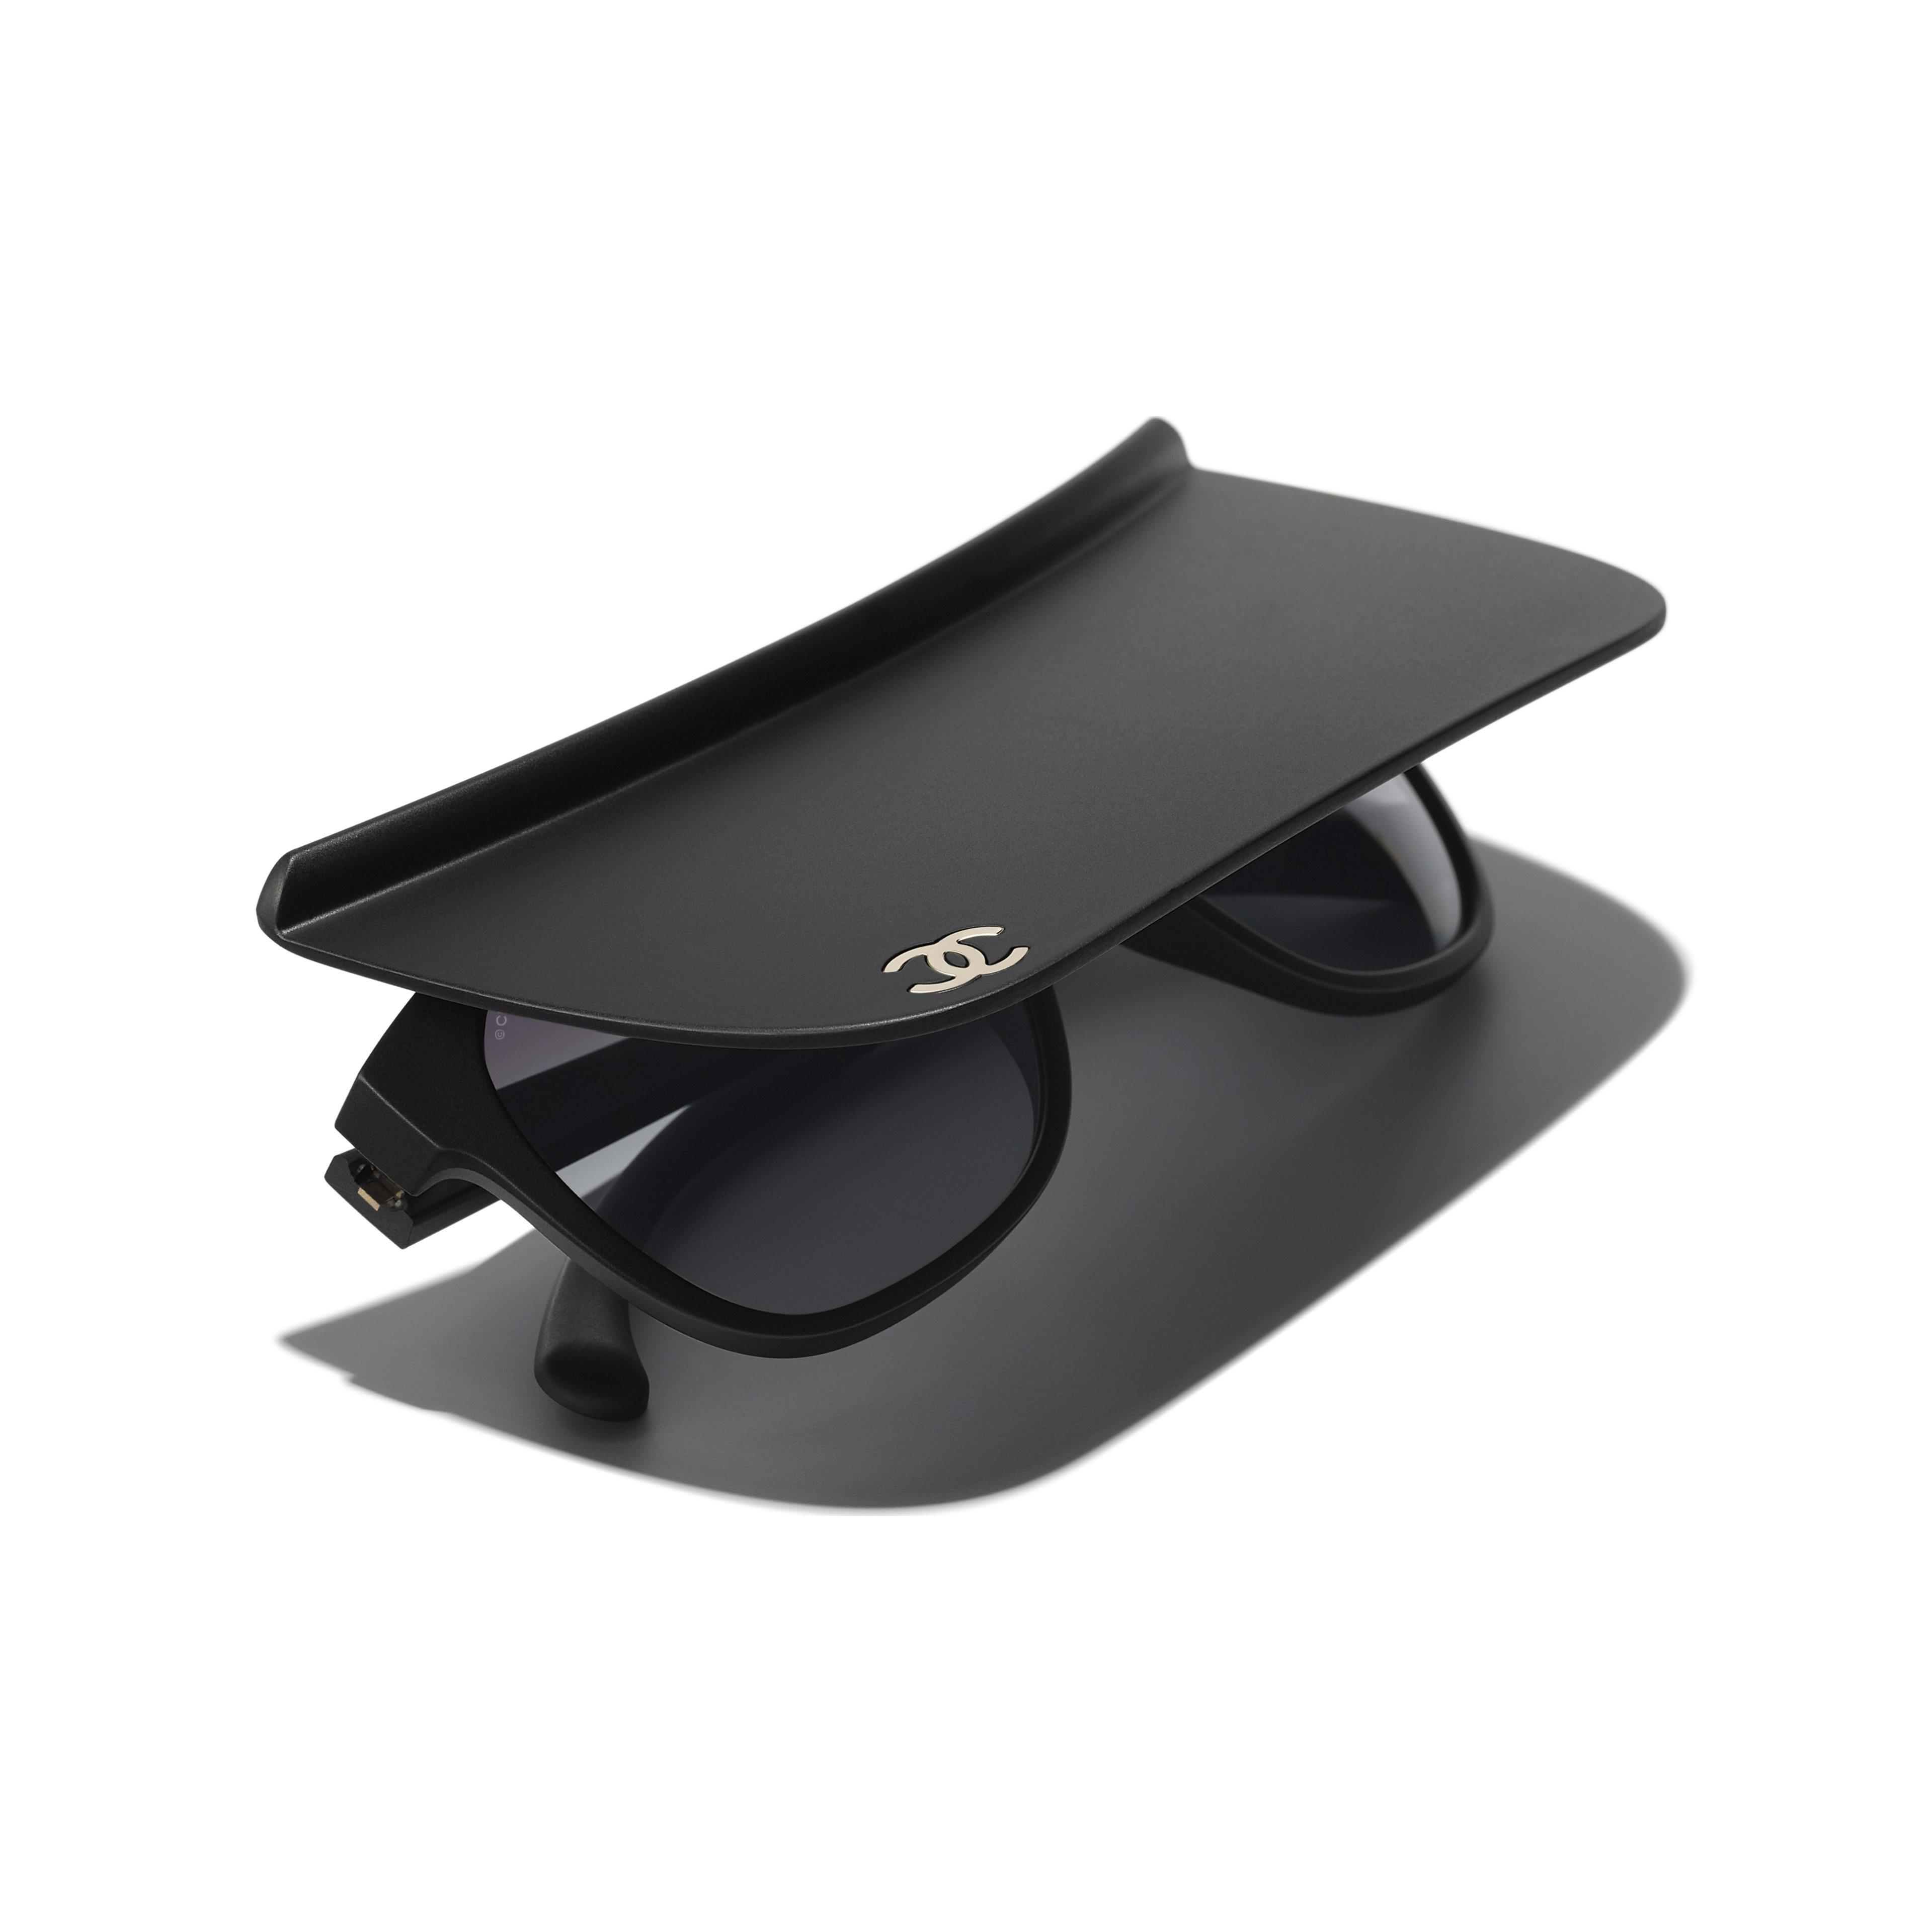 Visor Sunglasses - Zwart - Nylon - CHANEL - Extra weergave - zie versie op standaardgrootte